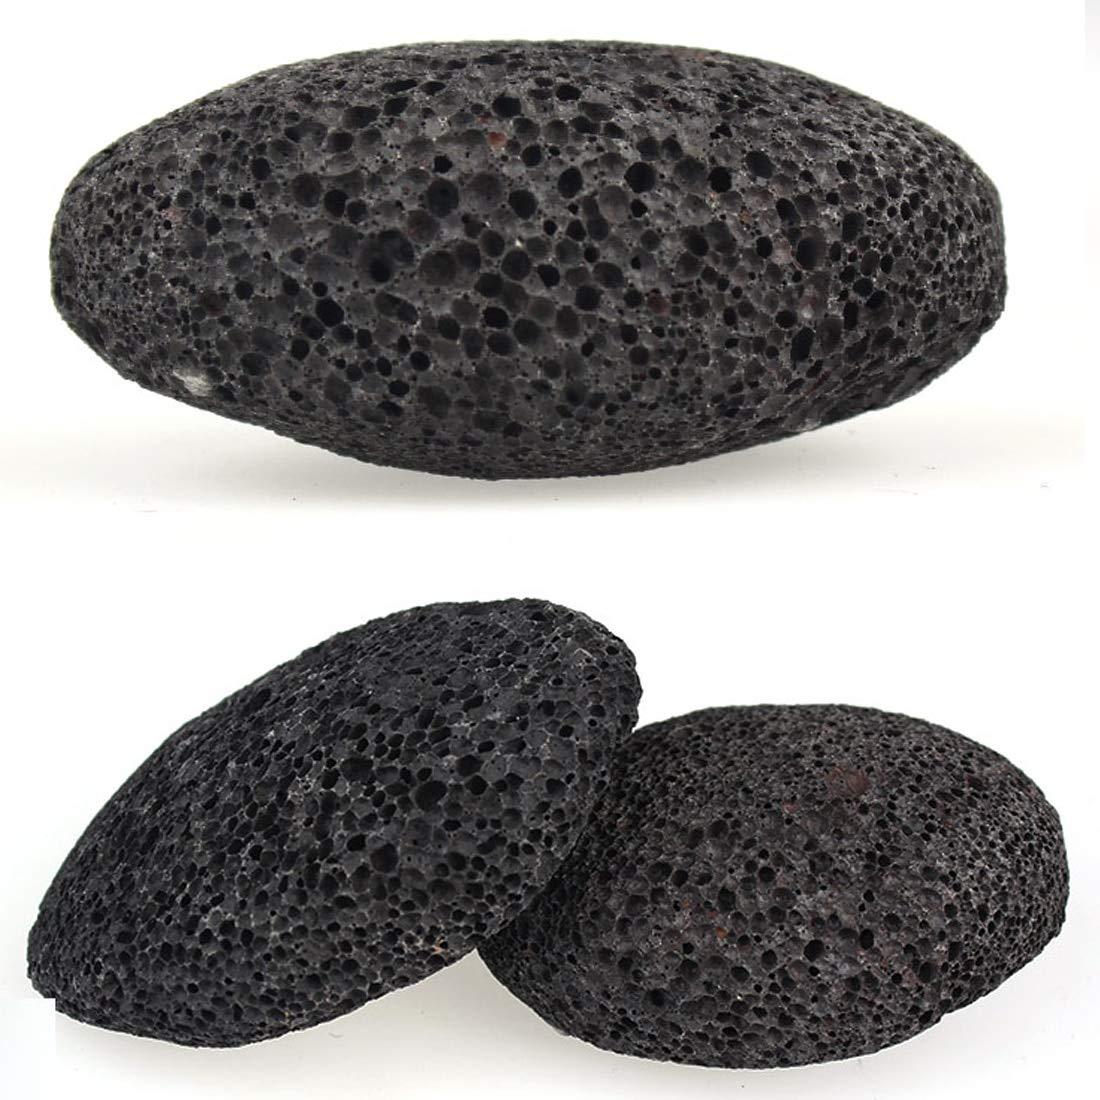 Piedra volcánica natural Piedra de lava Piedra pómez Archivo de molienda Roca Muerta Piel dura Removedor de callo Pedicura Cuidado de pies Masaje uu19ee